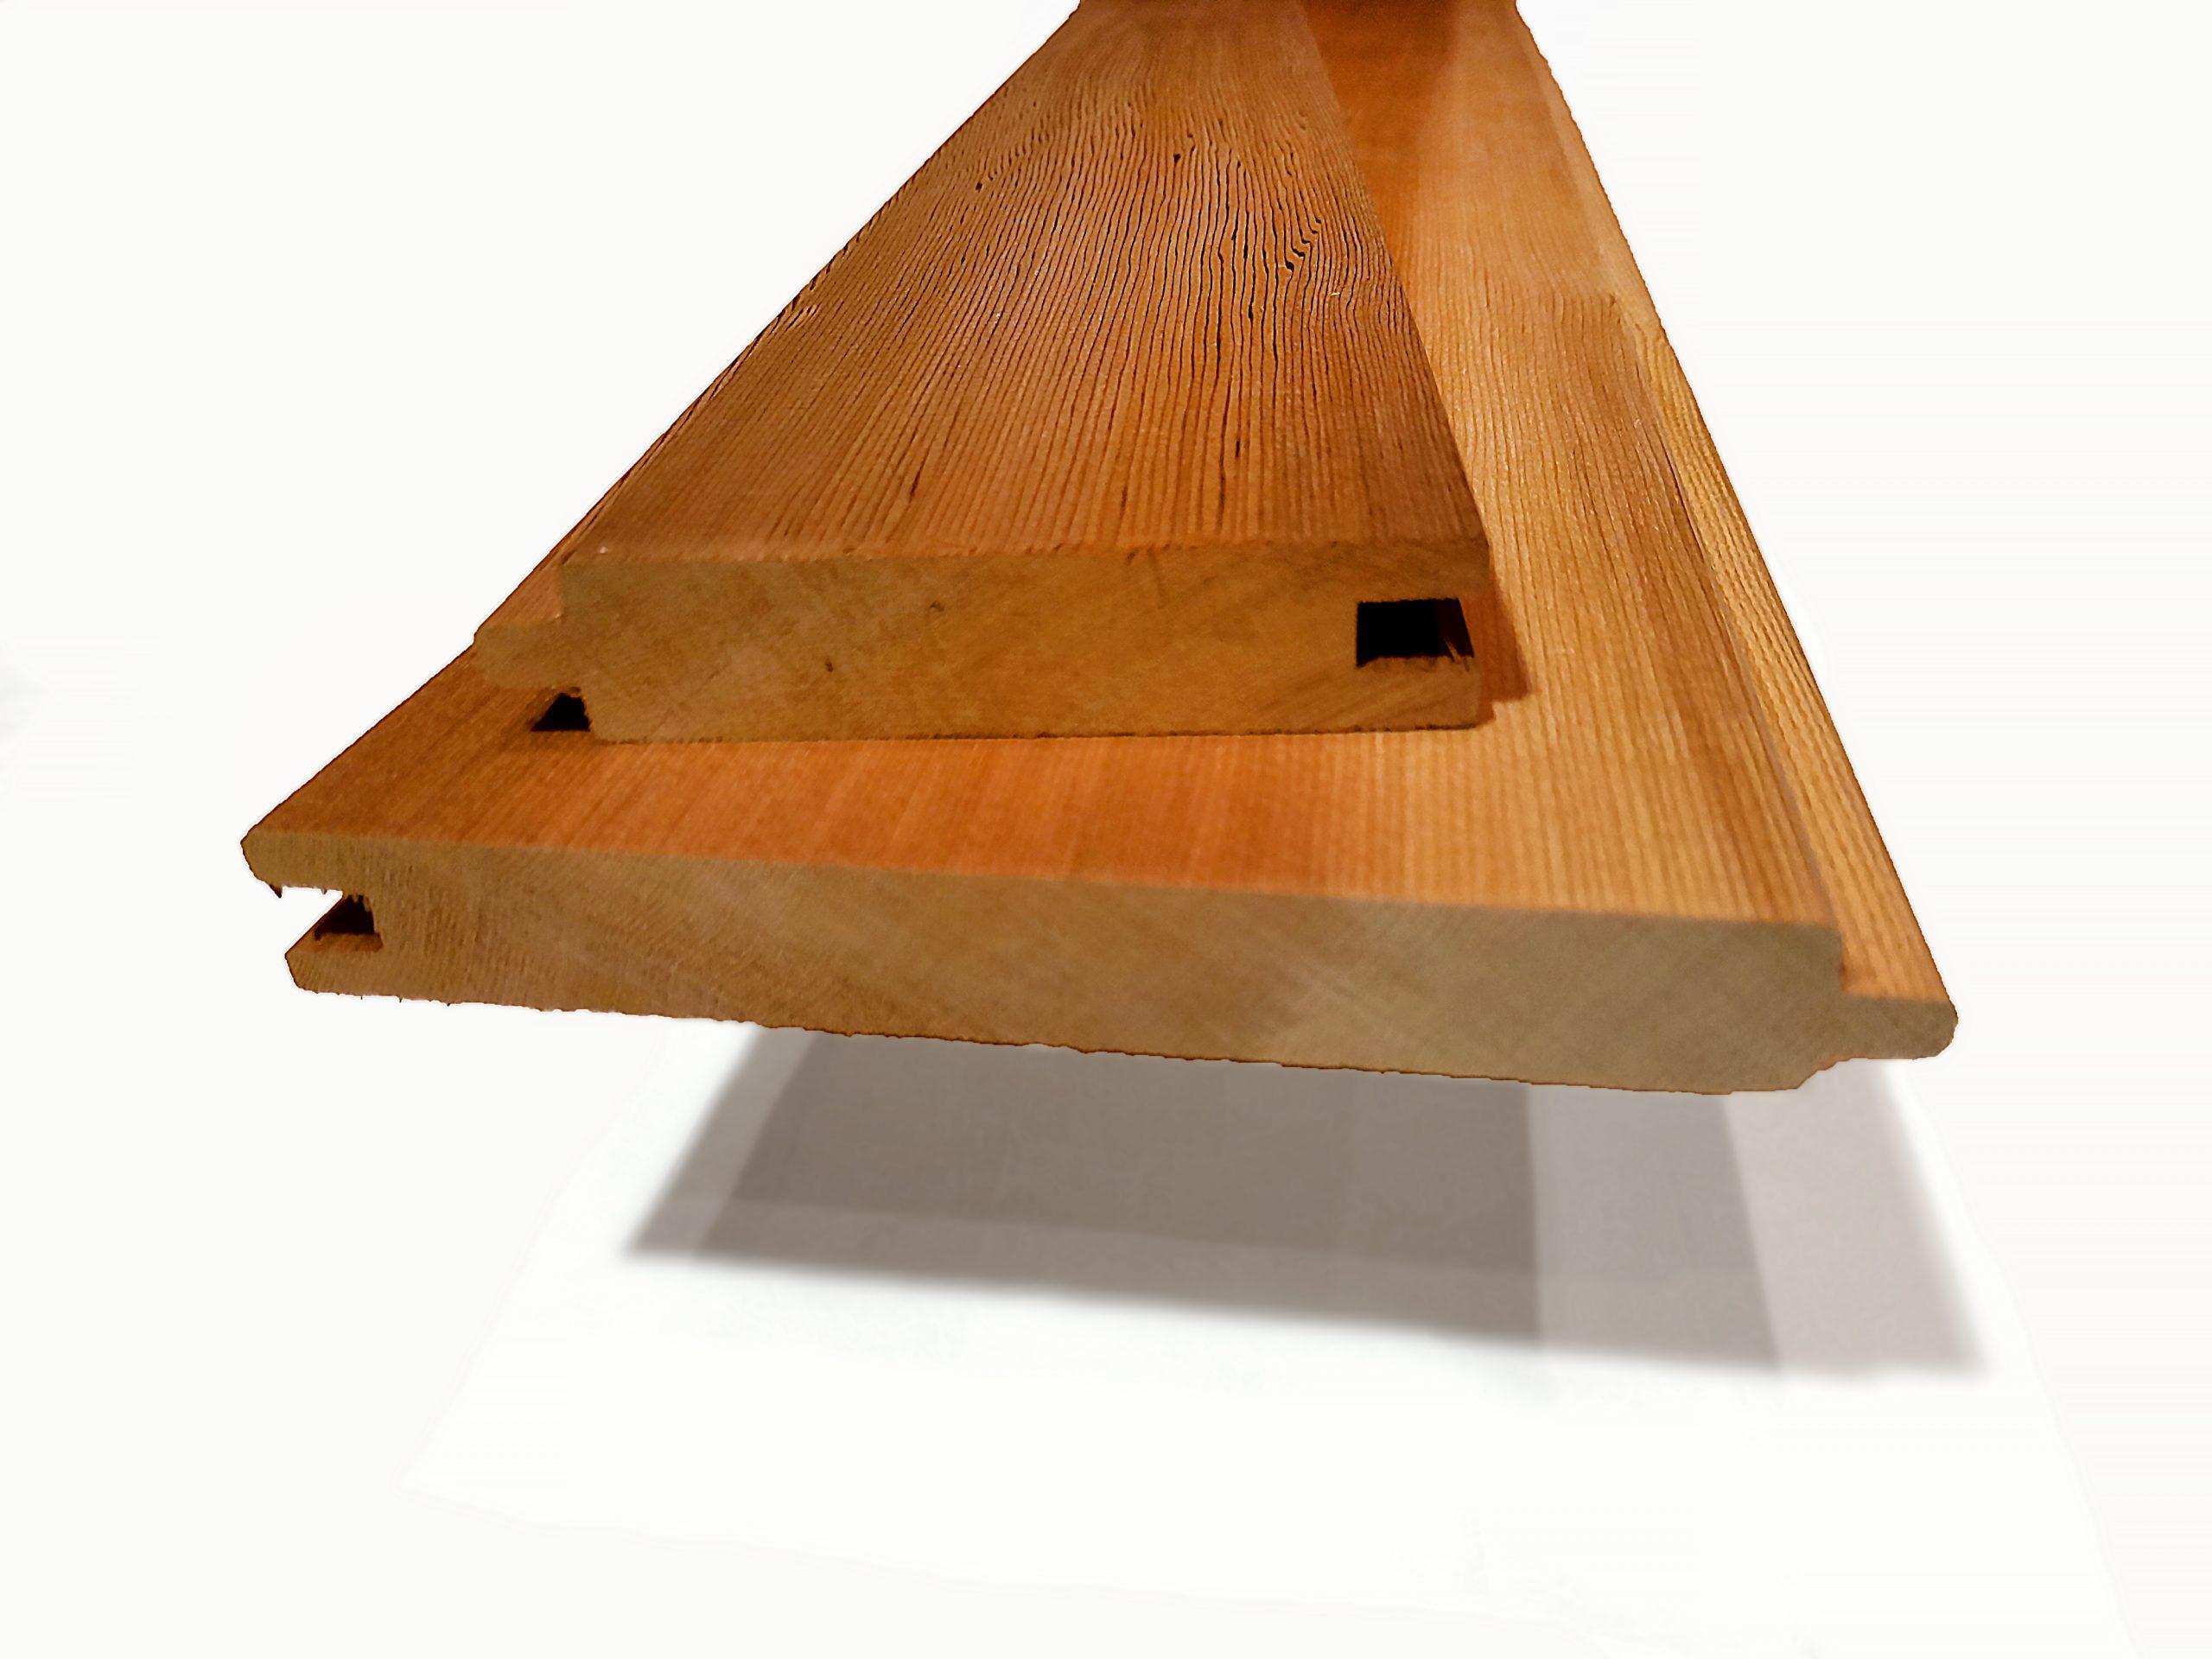 Cederträ panel - Cederpanel